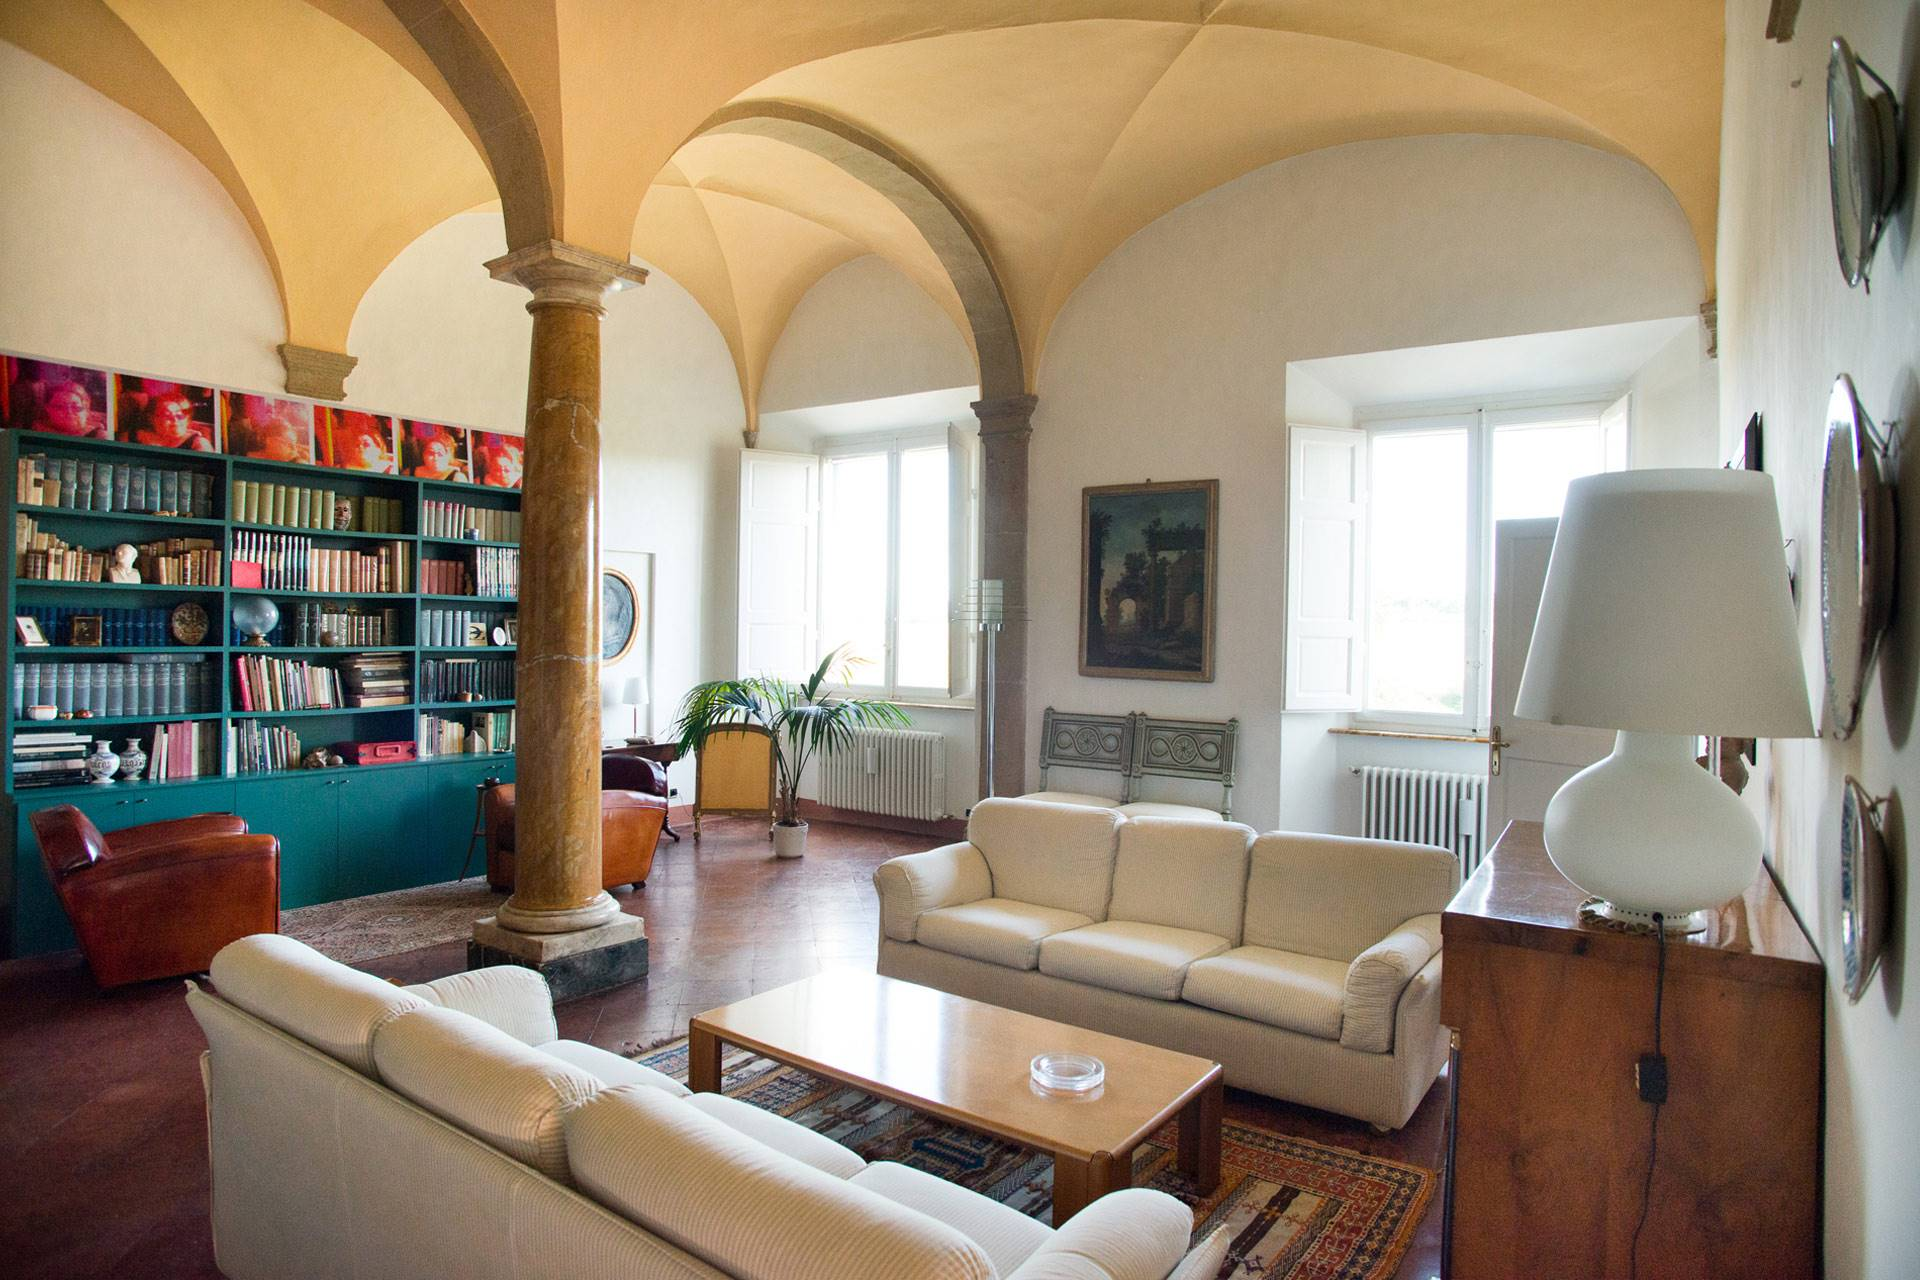 Appartamento signorile nel centro storico di Colle Val d'Elsa (Siena), all'interno di un palazzo mediceo del 1500, ristrutturato sotto la